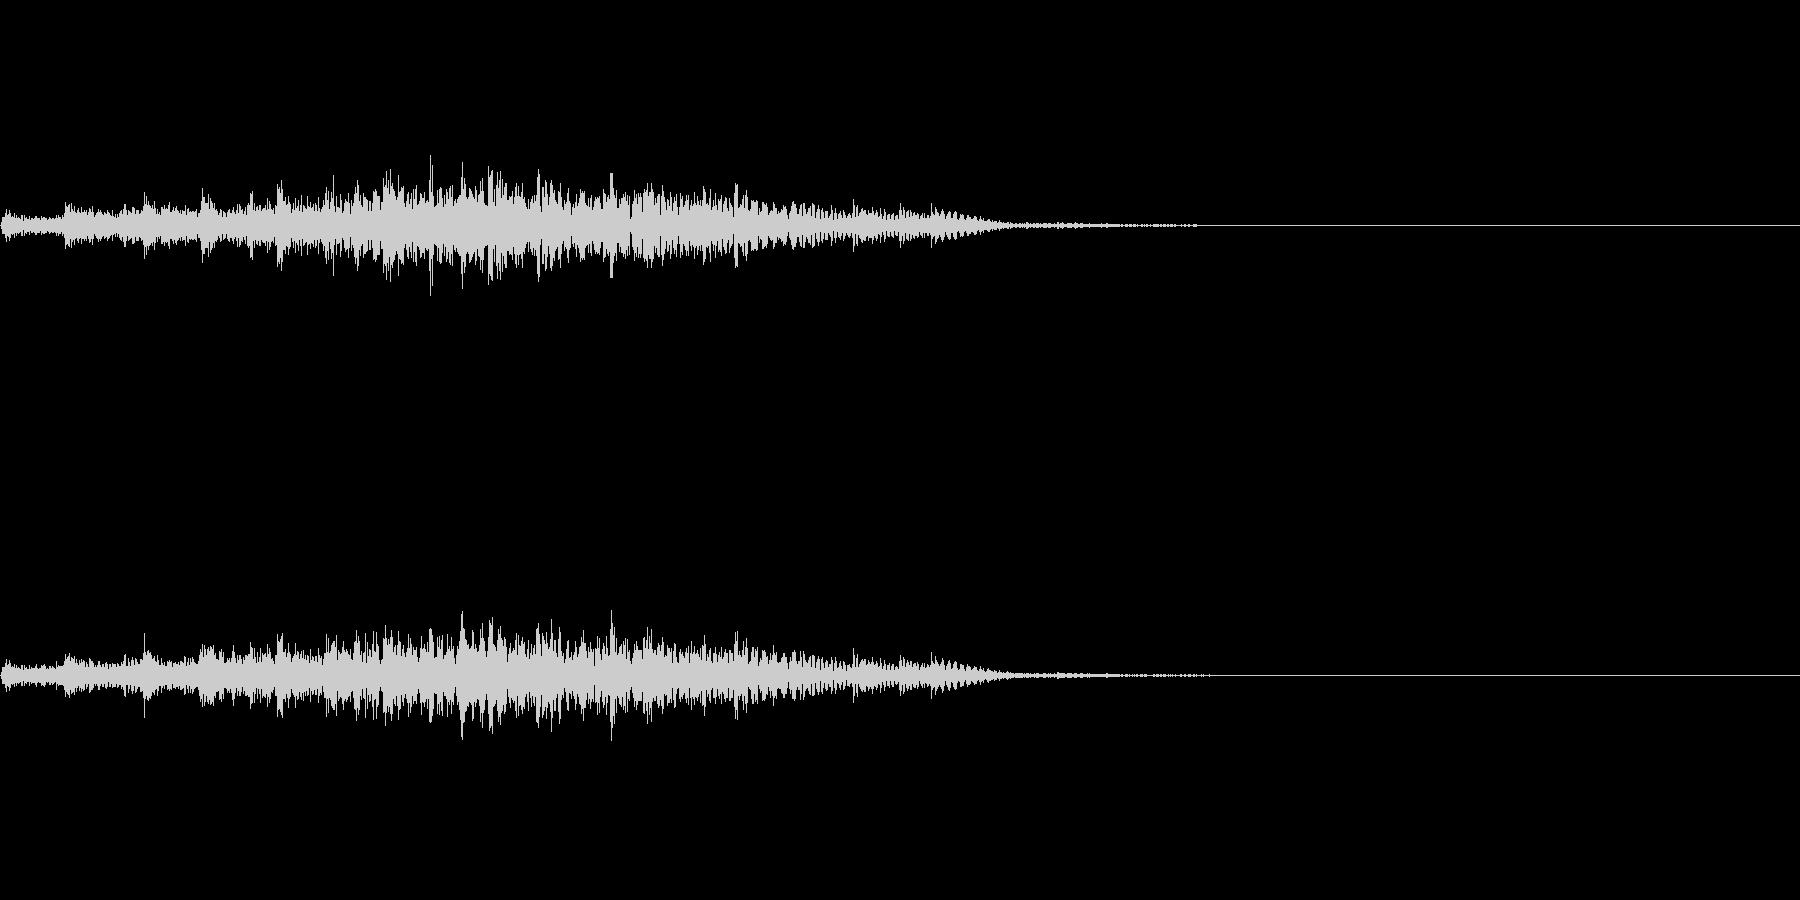 場面転換などに使える上昇系のかわいい音の未再生の波形